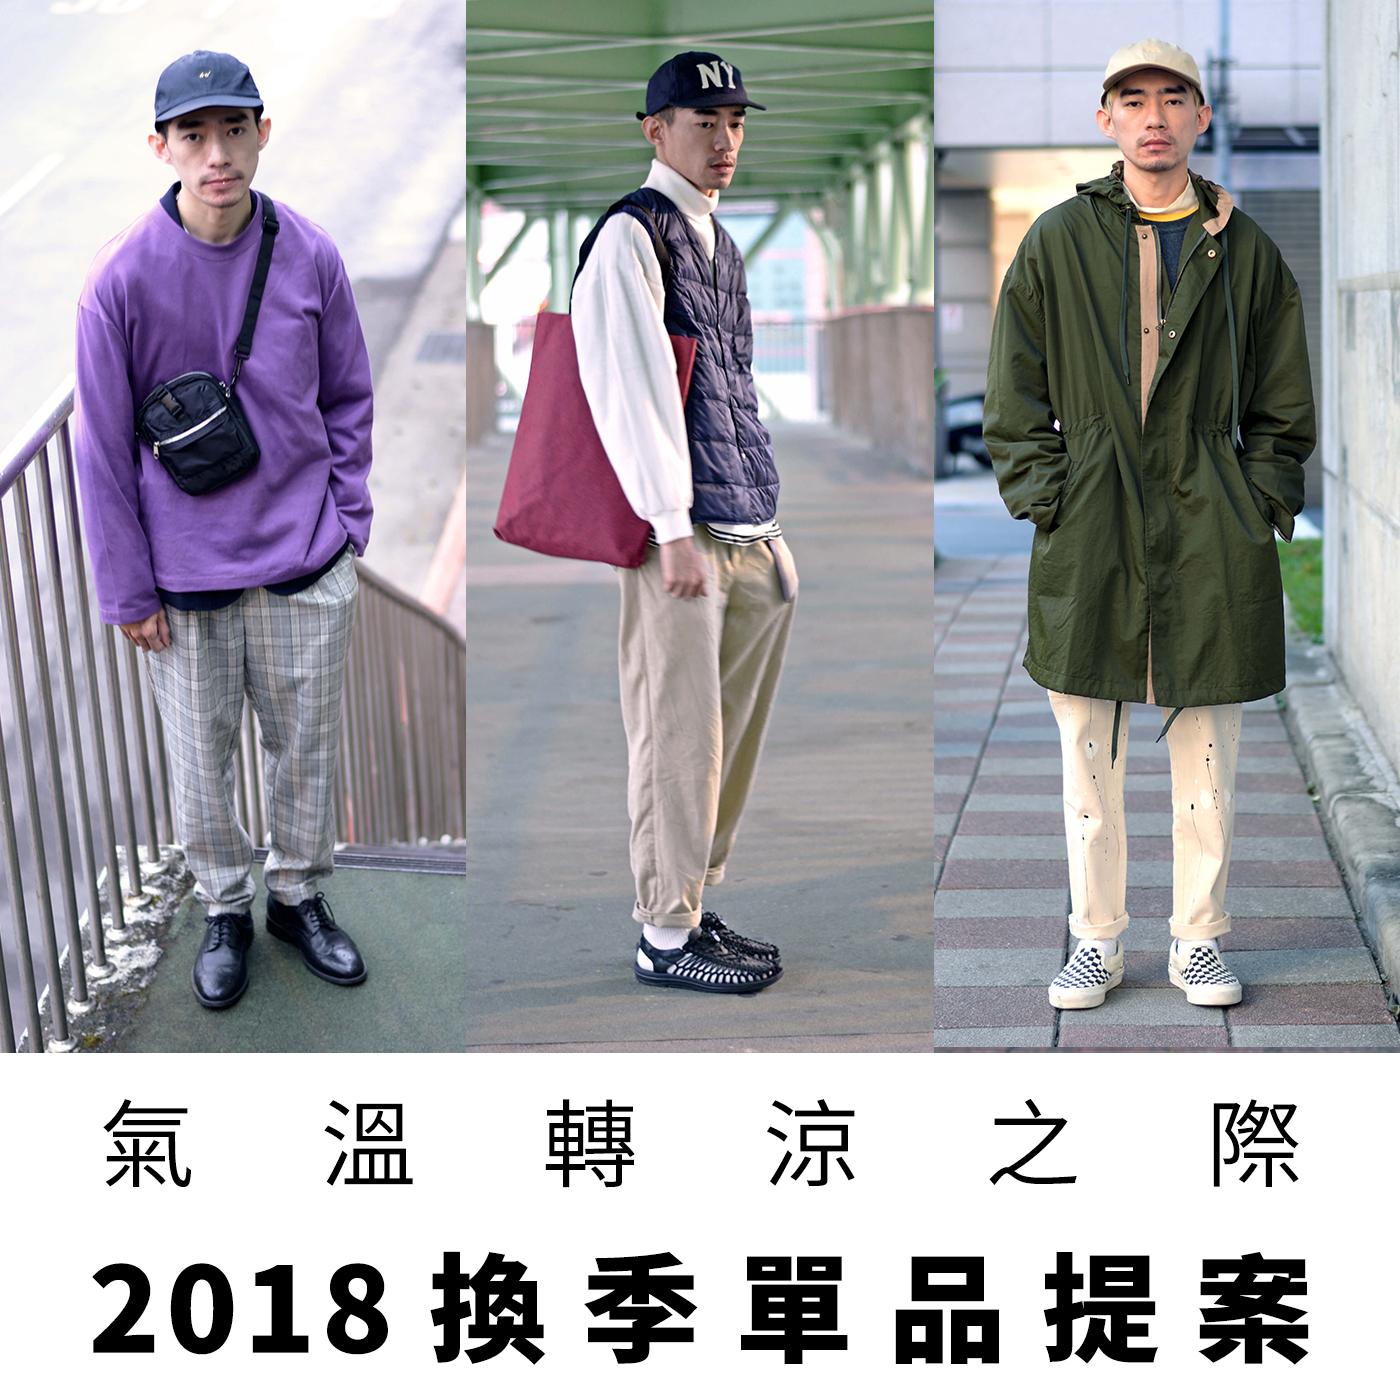 換季,秋冬,2018,穿搭,時尚,穿搭提案,軍風,丹寧,長袖上衣,薄外套